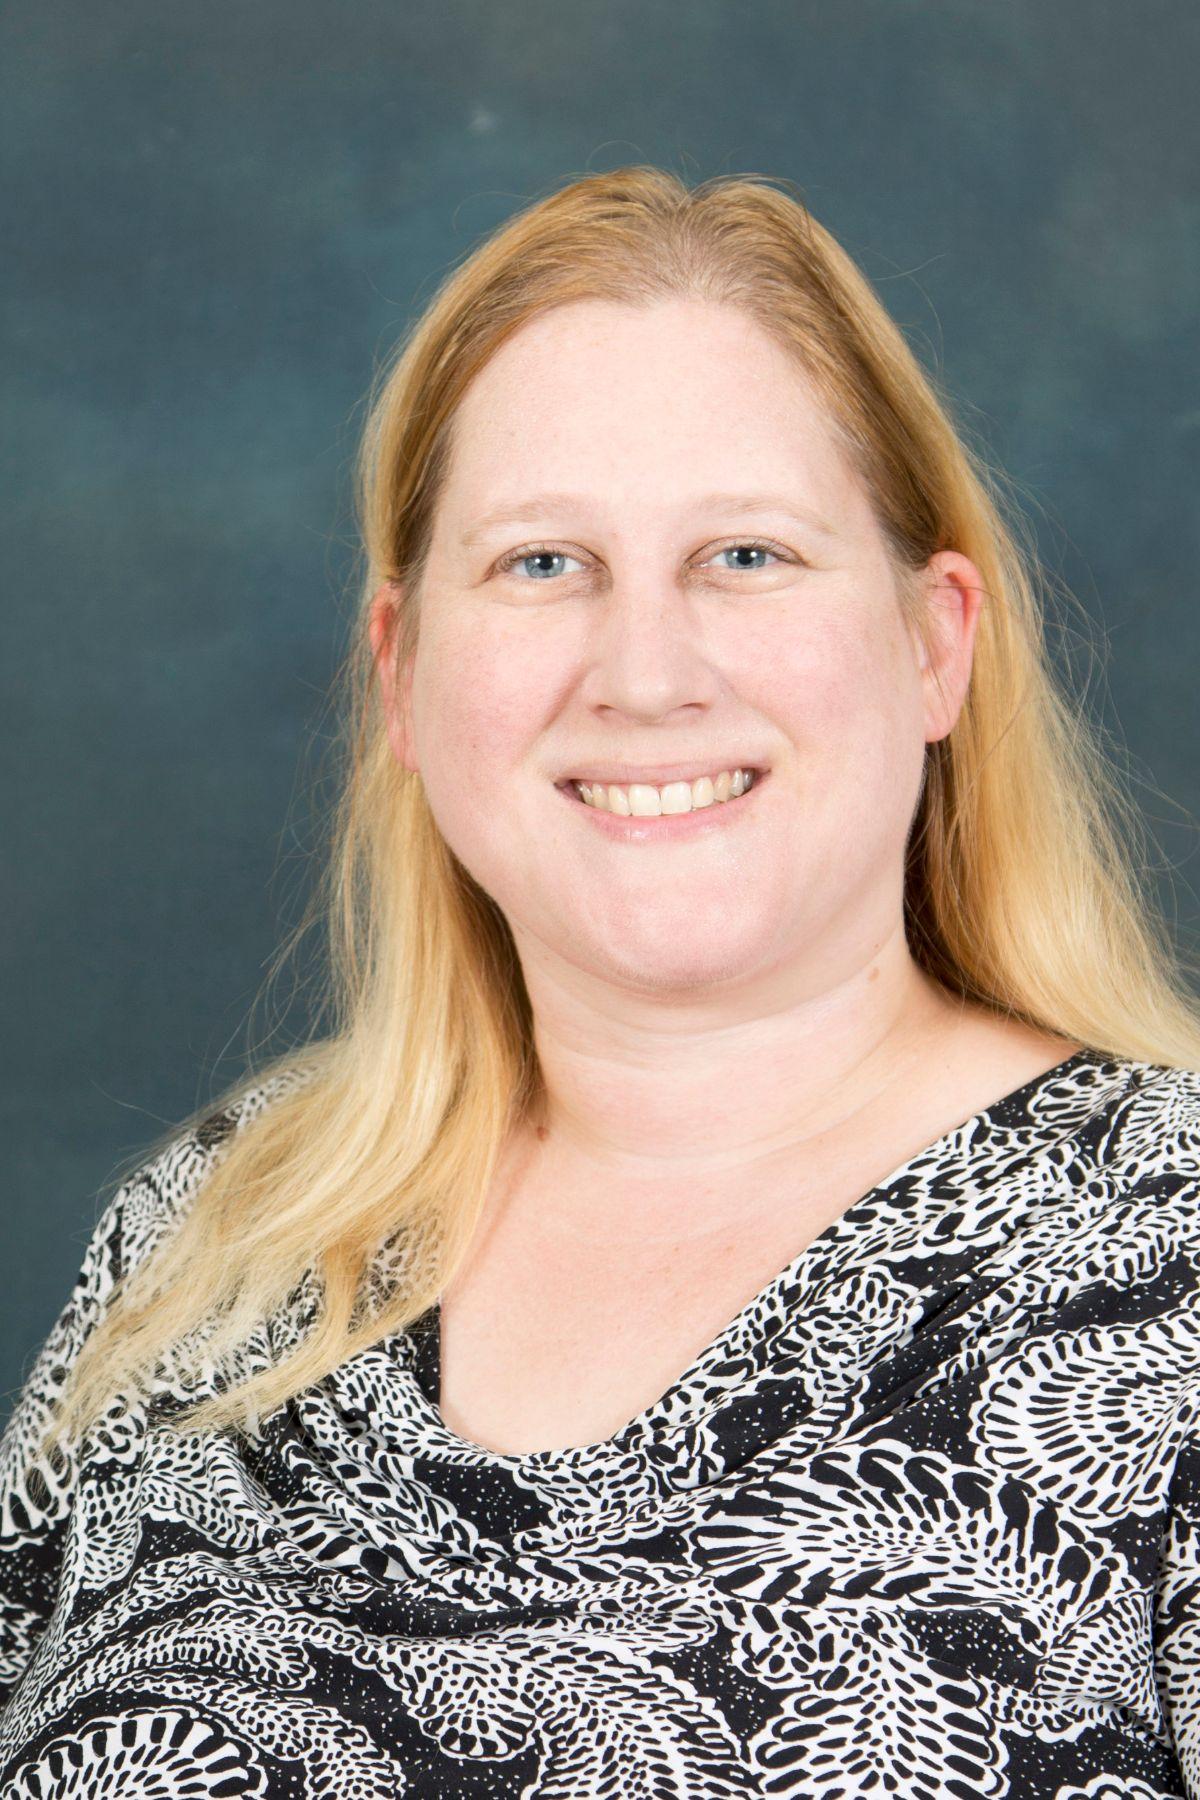 Dr. Jessica Zanton